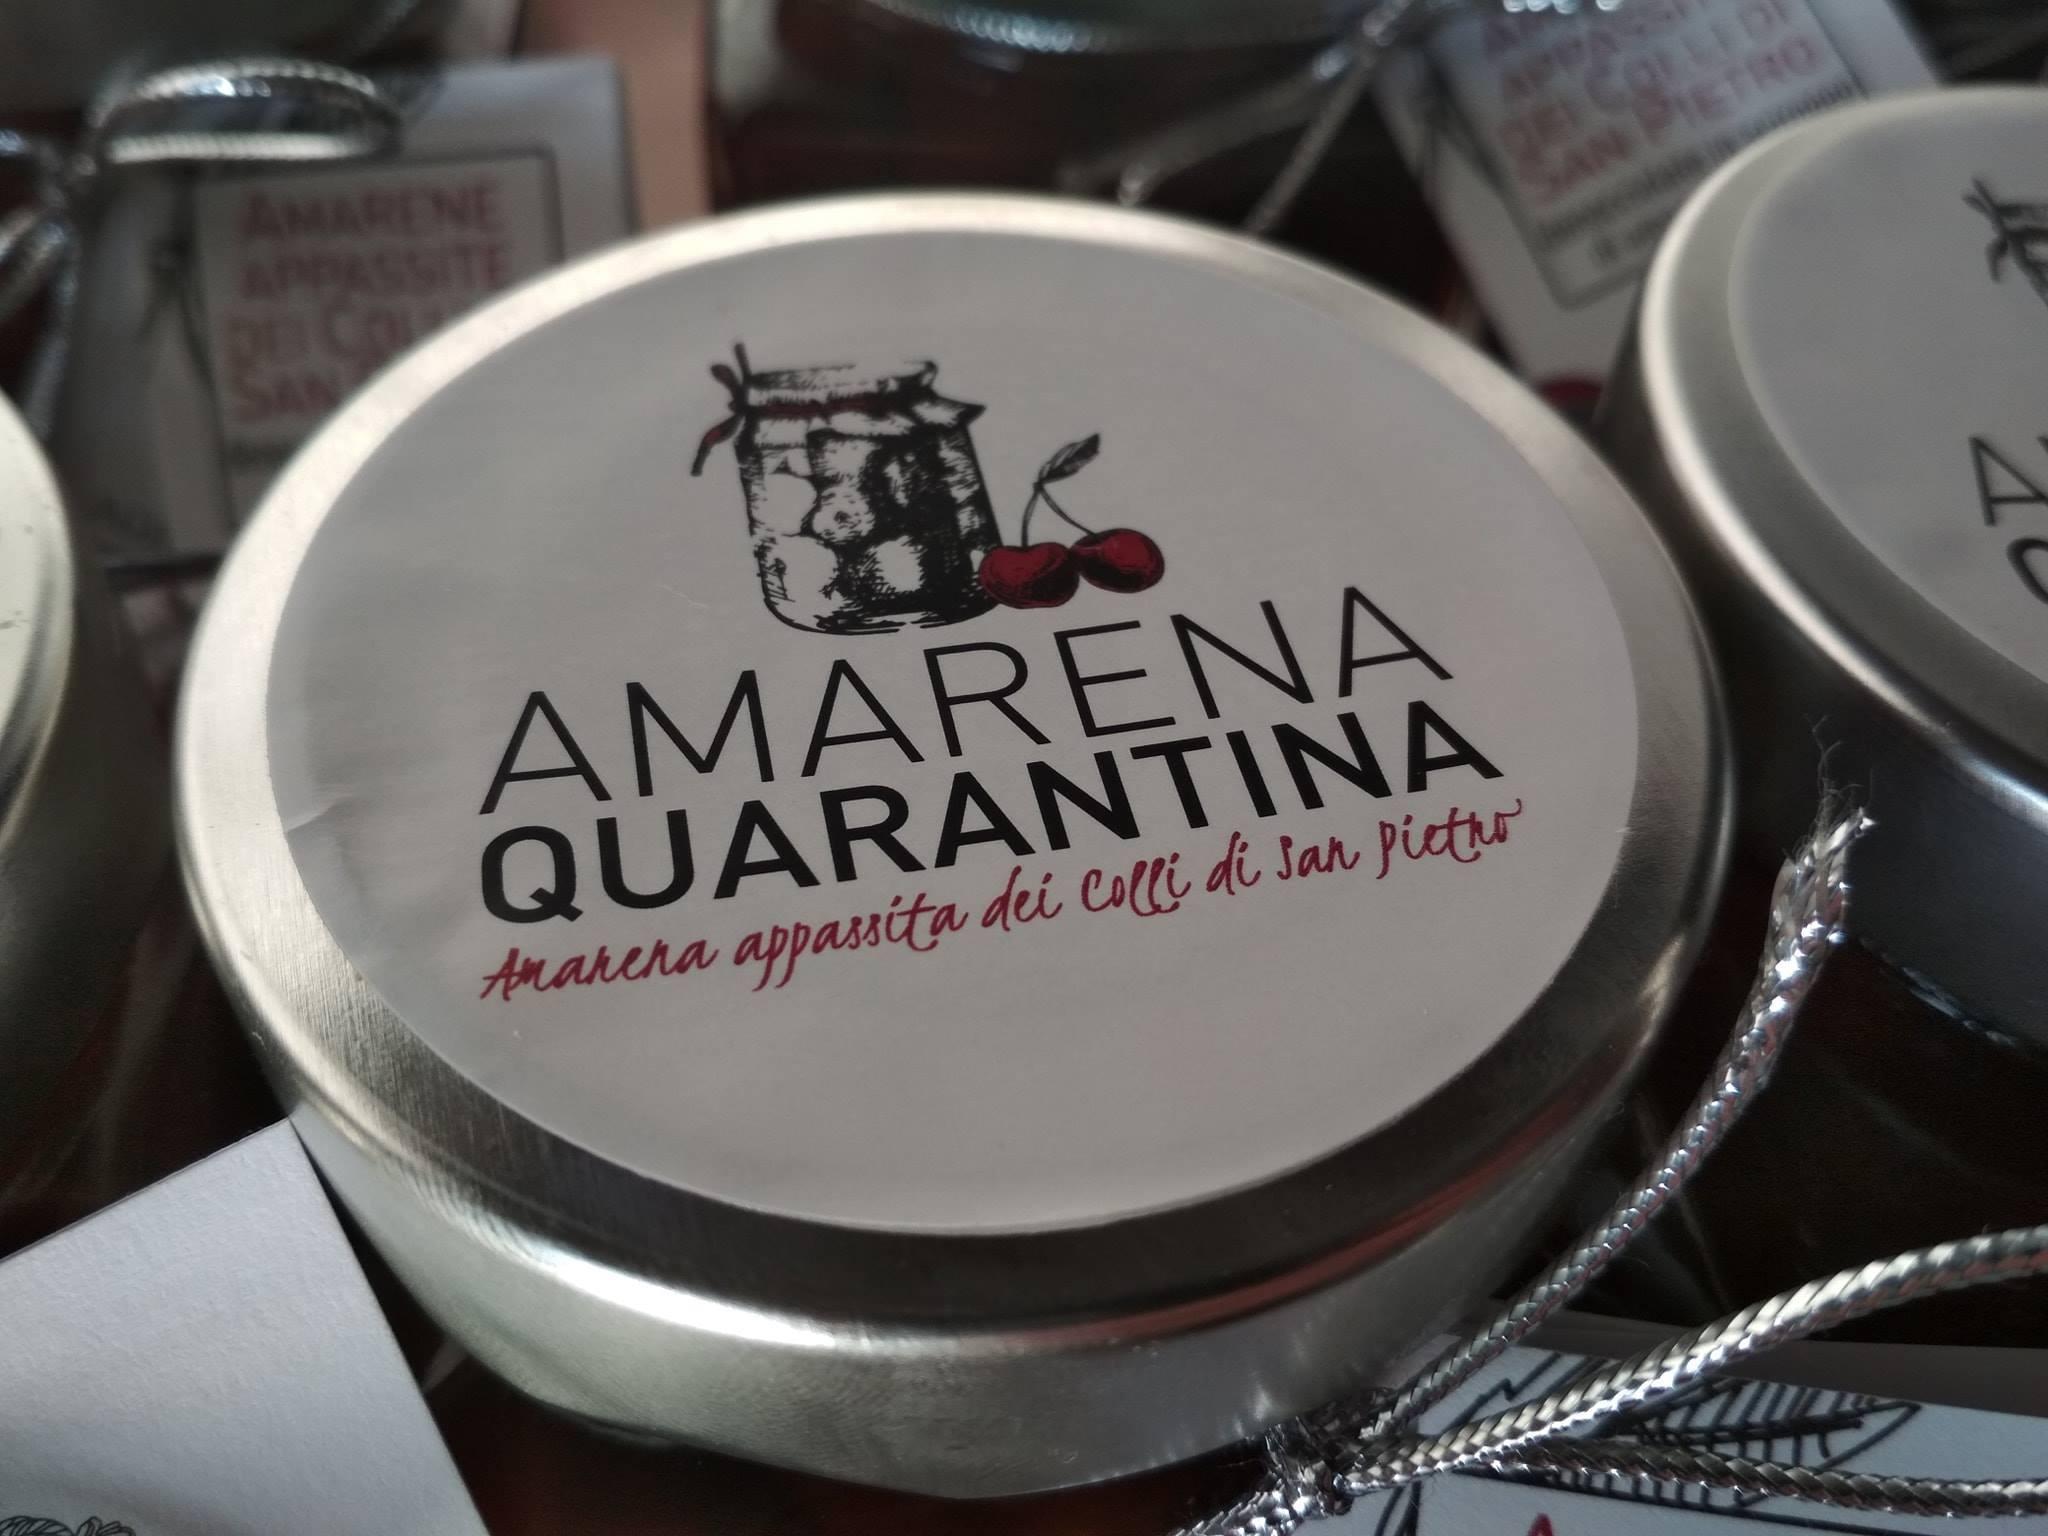 Amarena Quarantina